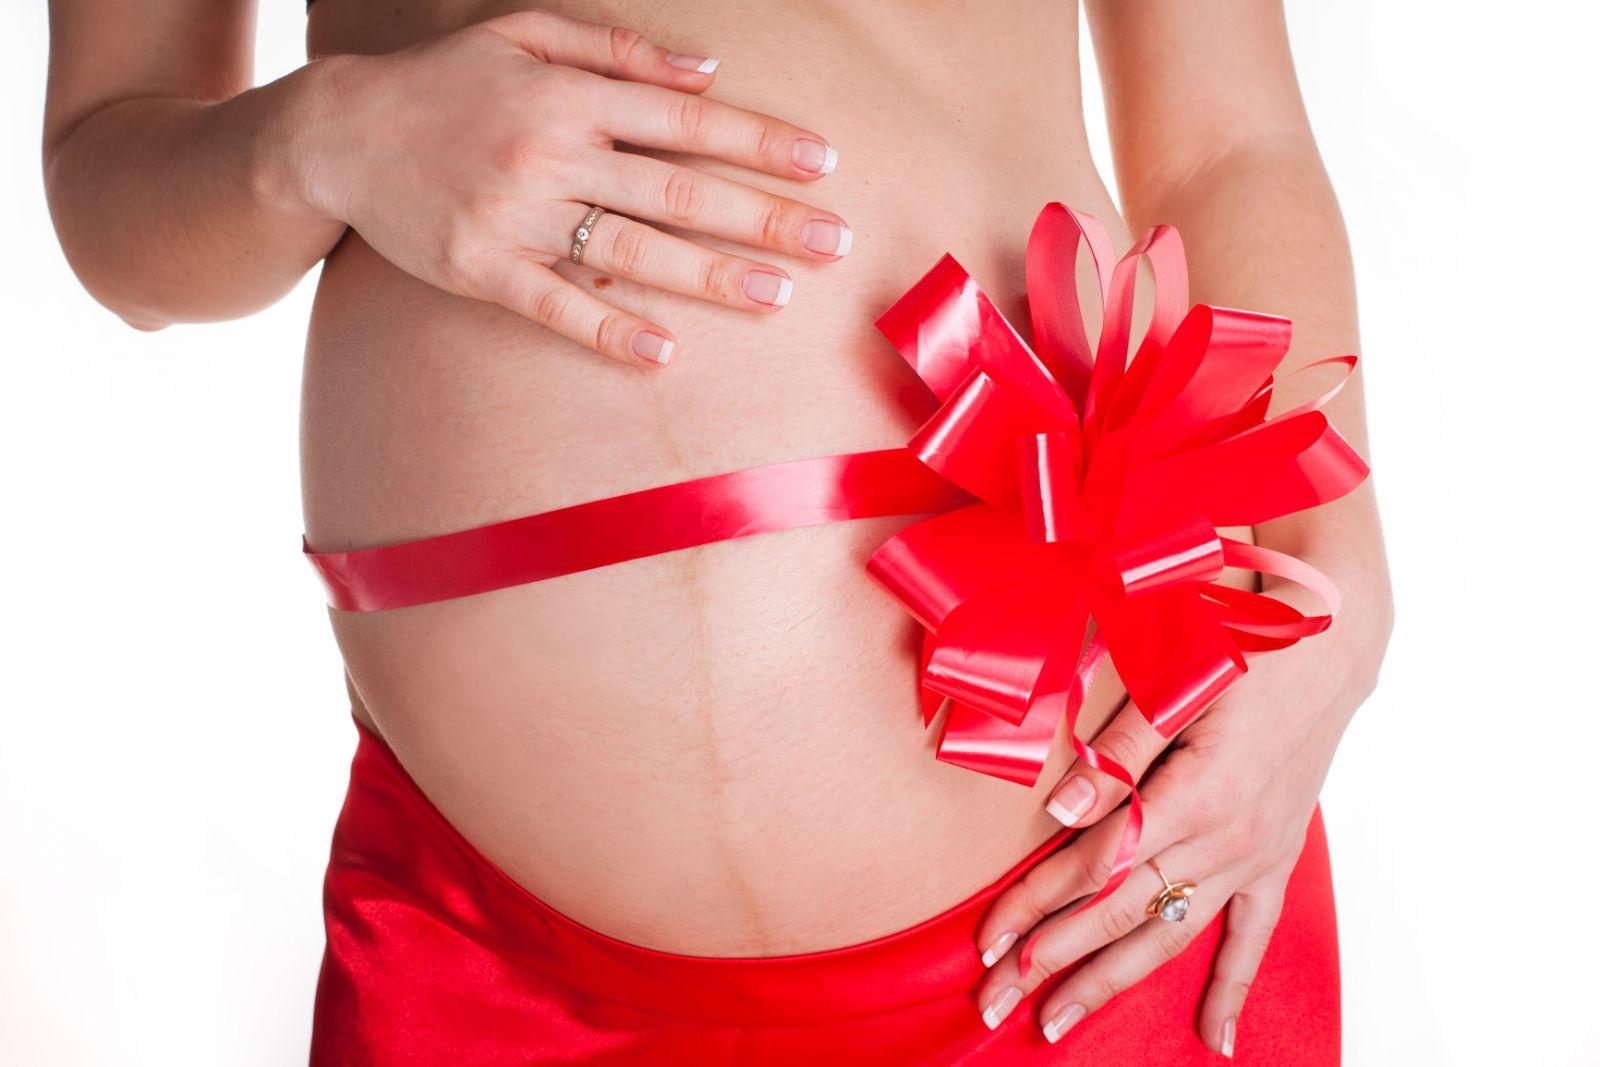 Вознаграждение за суррогатное материнство